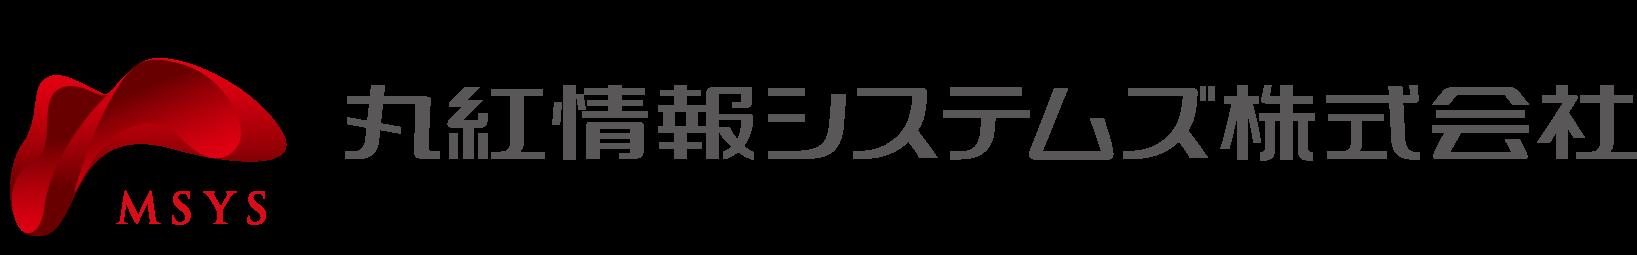 丸紅情報システムズ株式会社